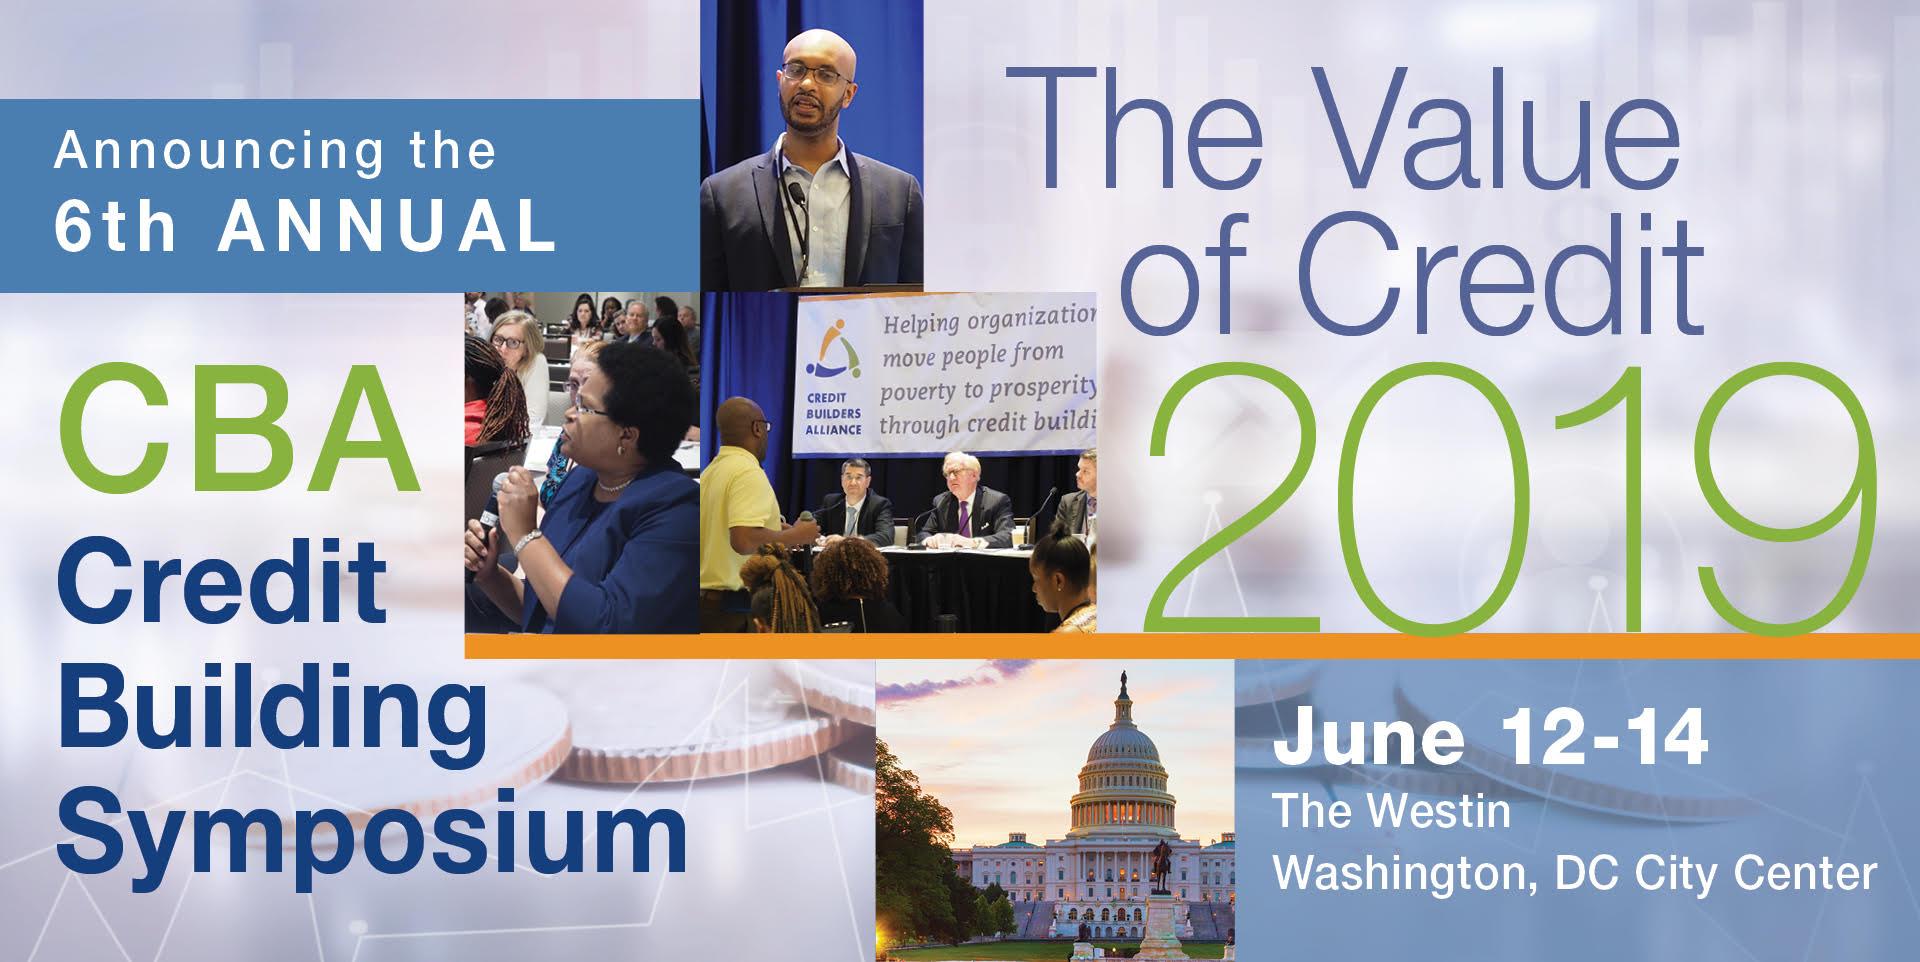 Credit Building Symposium